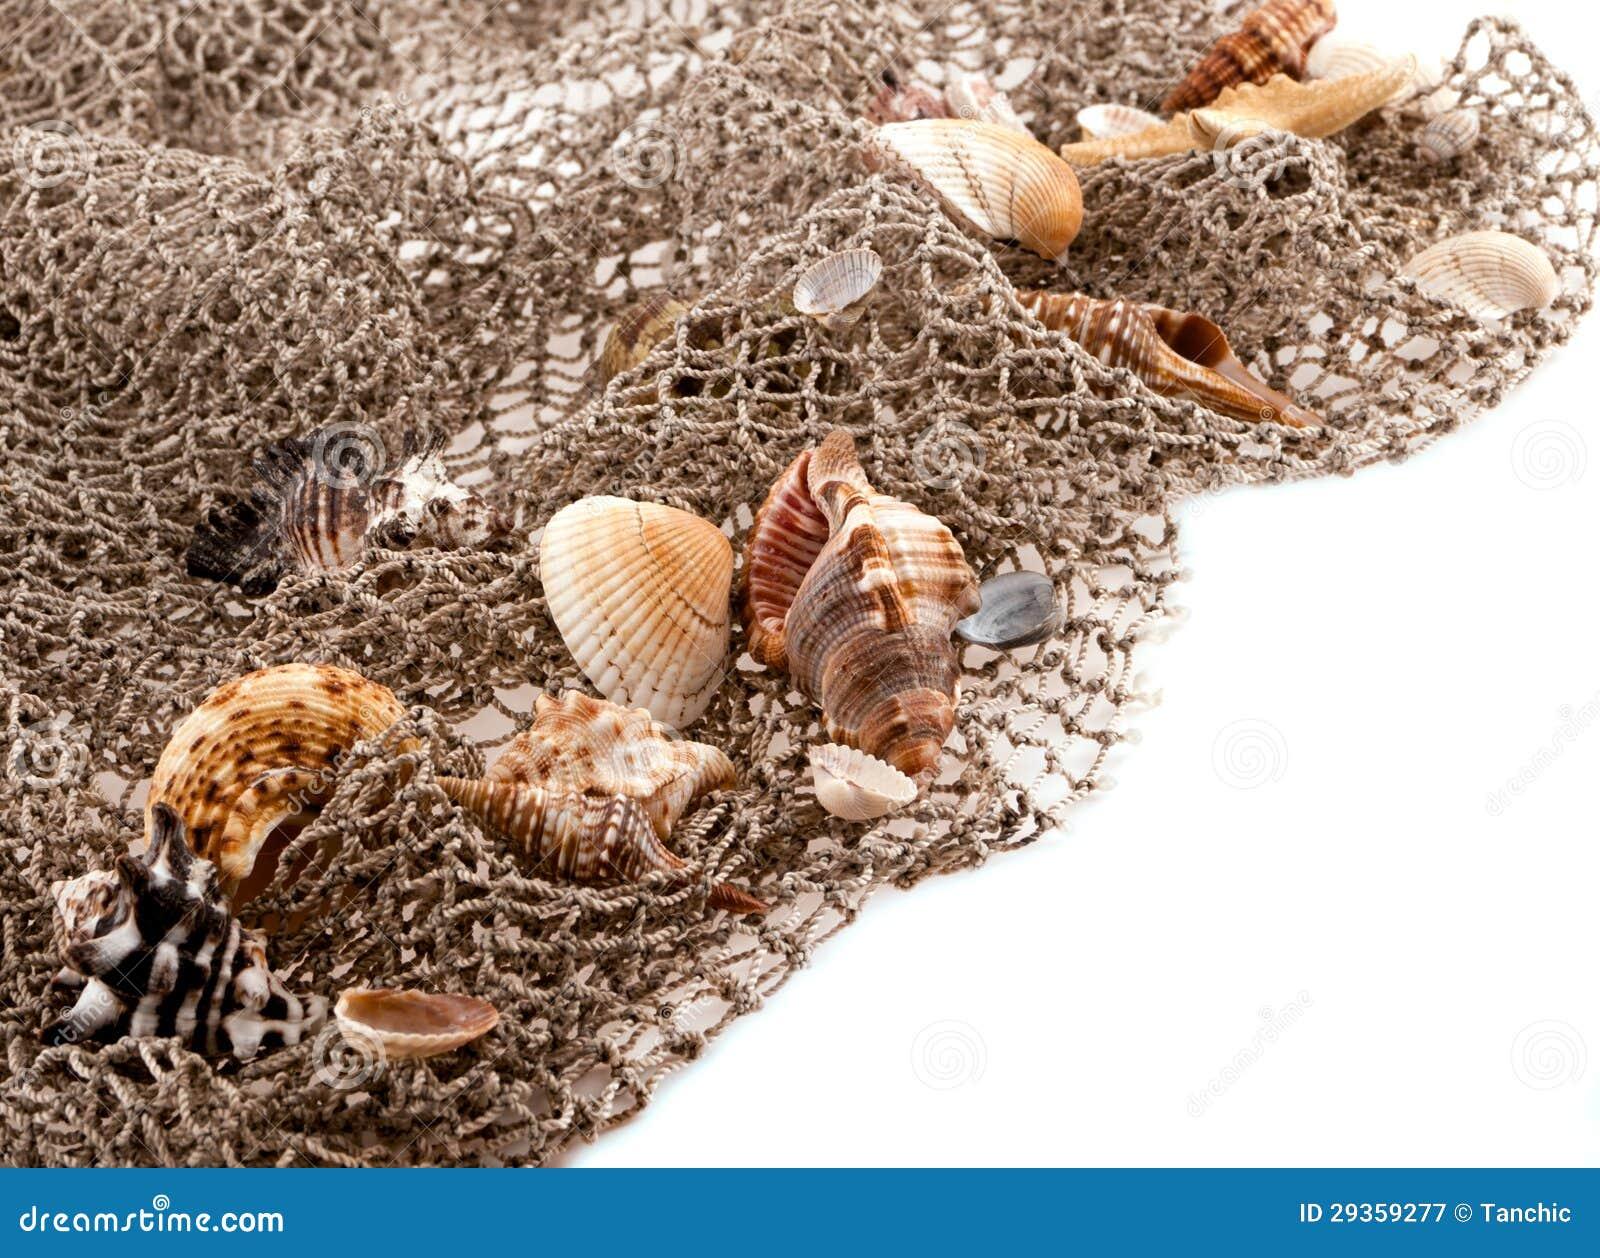 Conchiglie e stelle marine sulla rete di pesca immagine - Rete da pesca per decorazioni ...